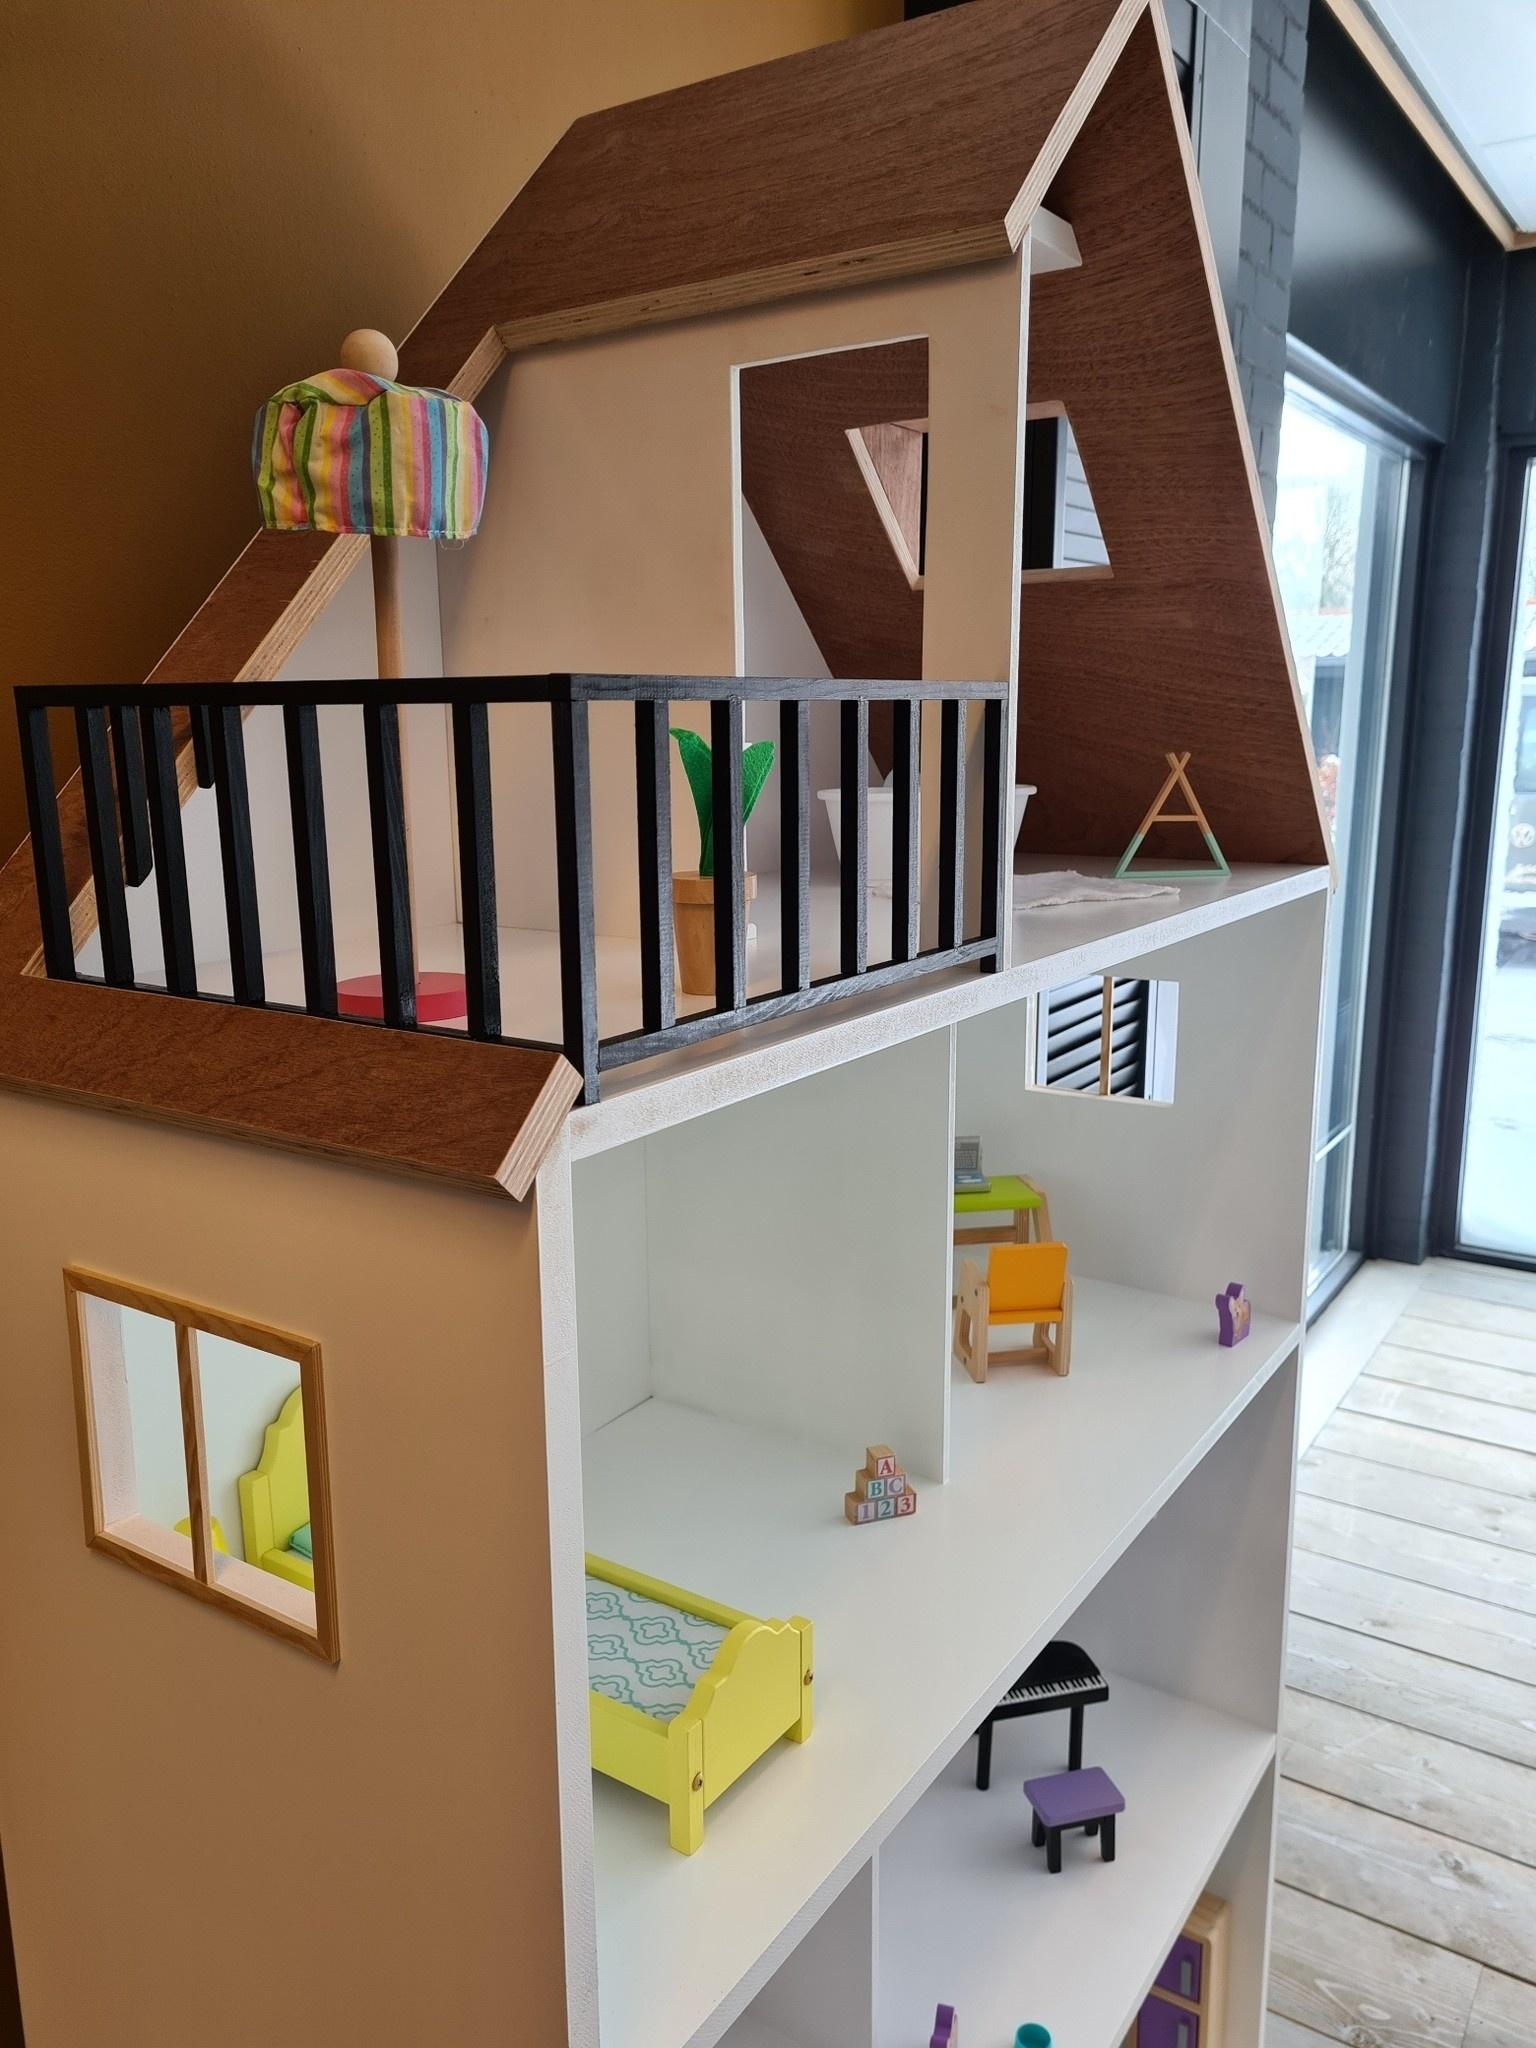 Barbiehuis met ramen, dakterras en dakkapel-2